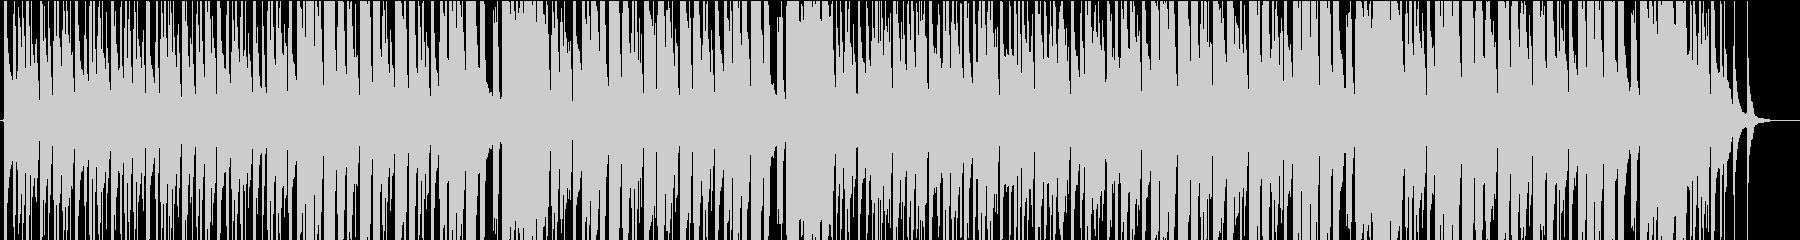 ウクレレと口笛が印象的な明るいBGMの未再生の波形